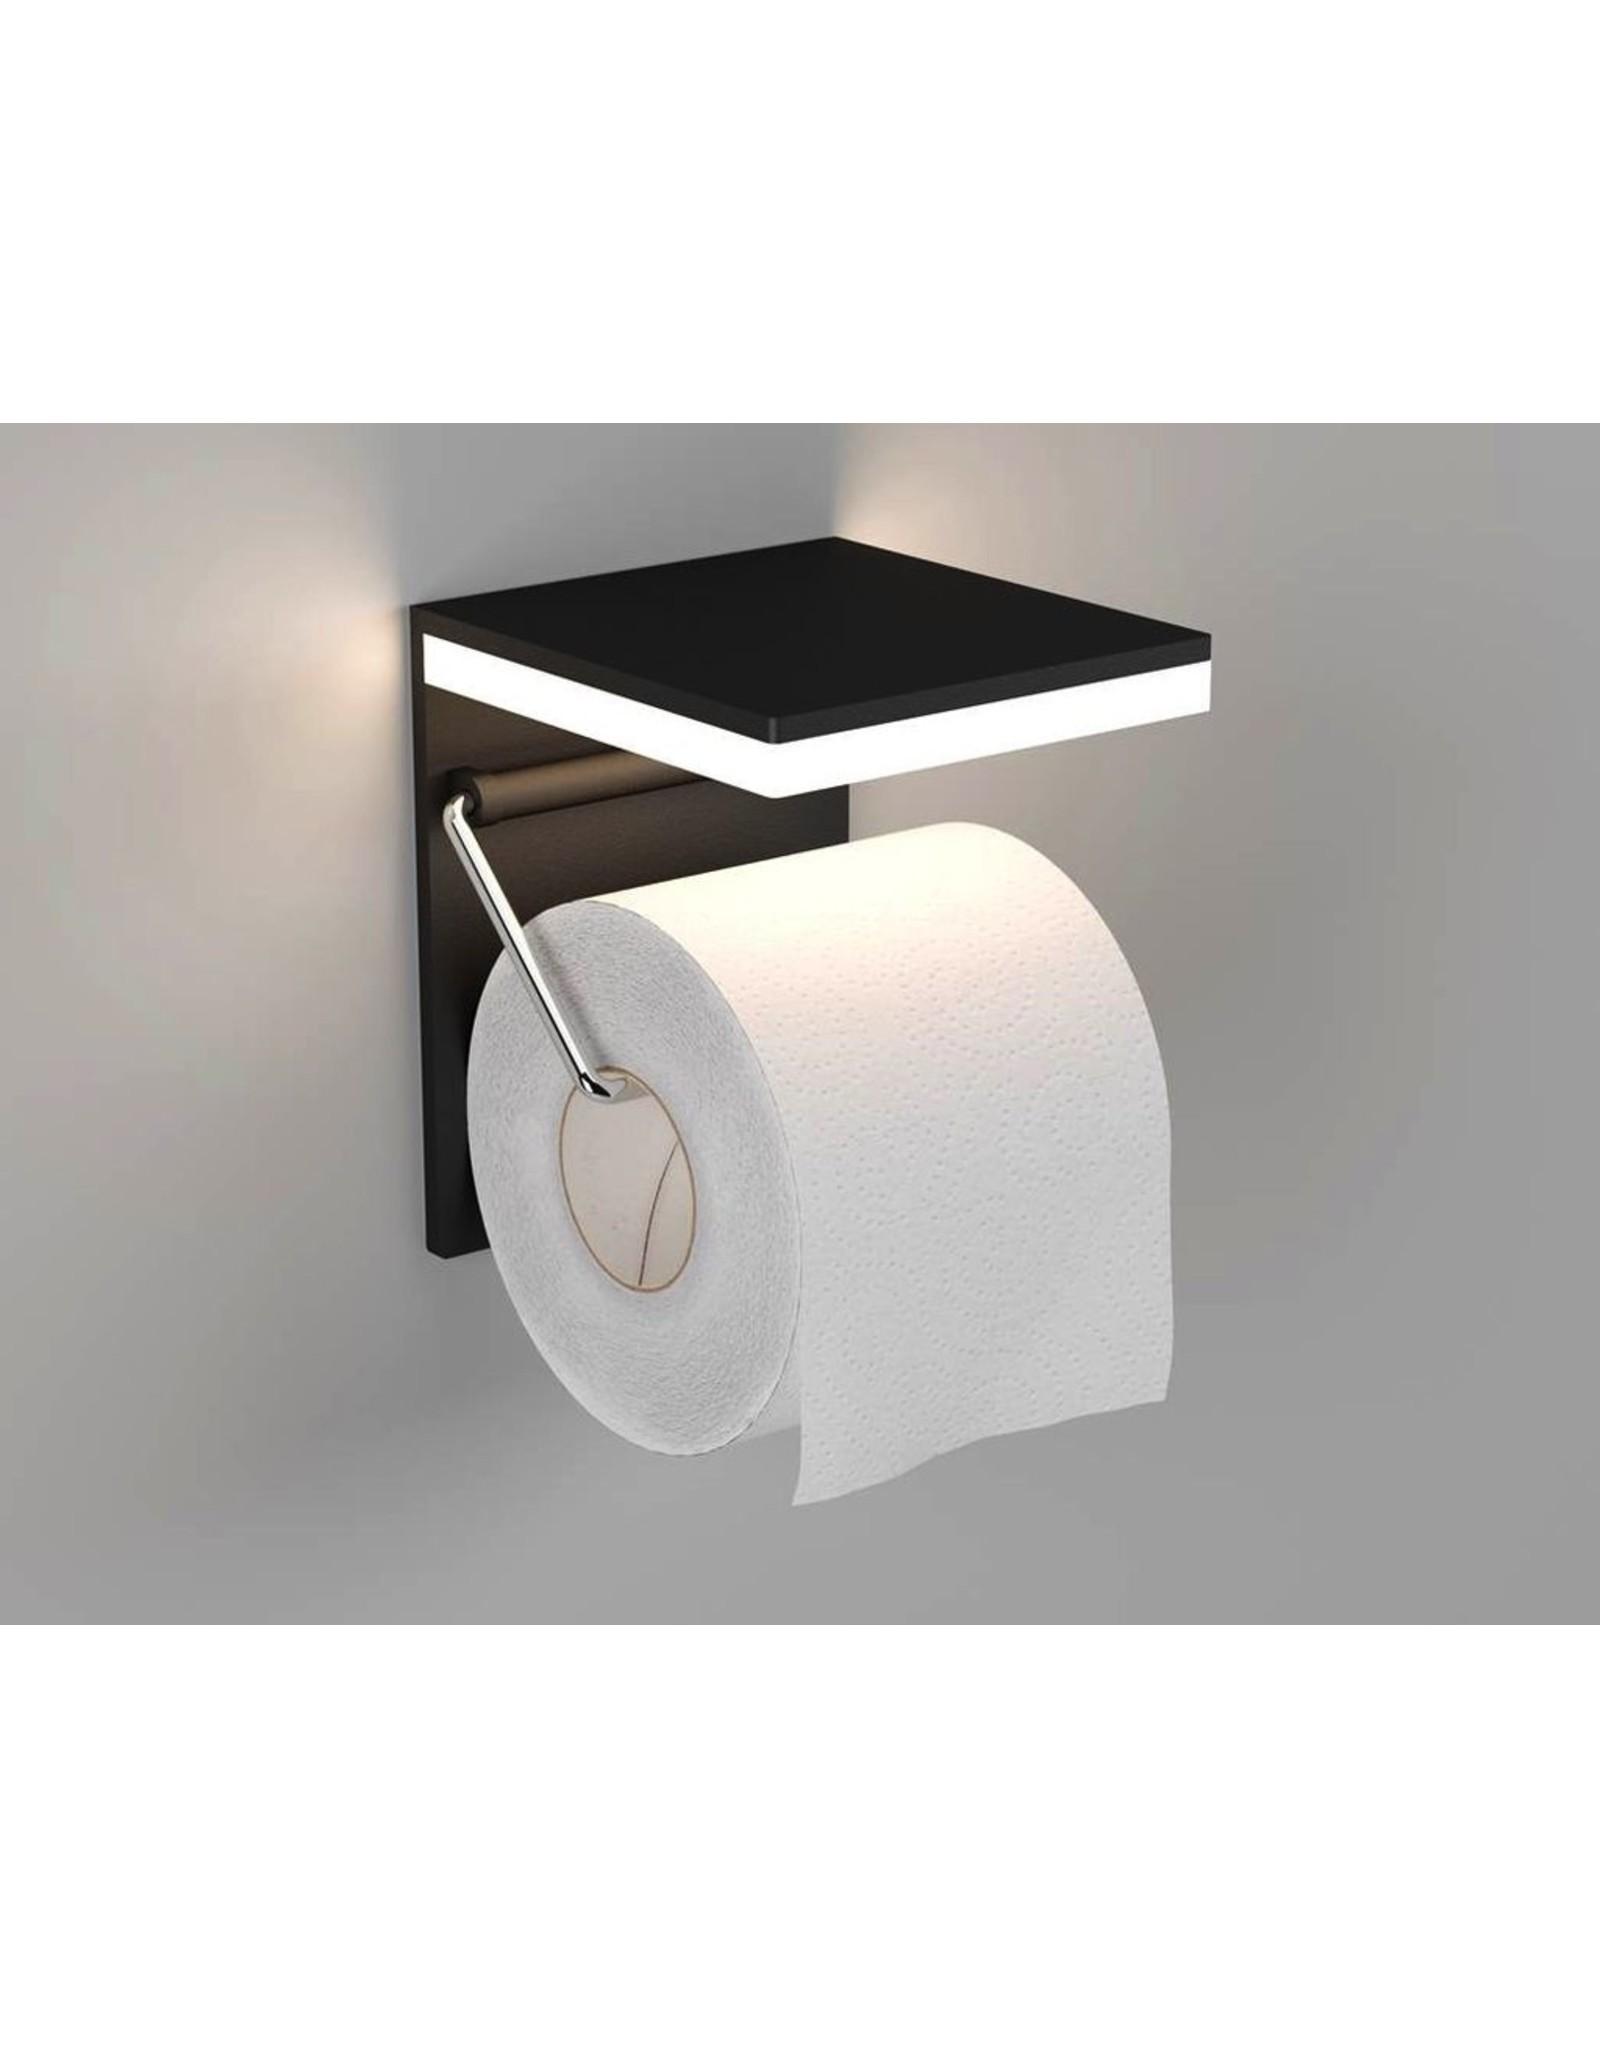 L-HOP 1 BLACK LED 3000K/3W